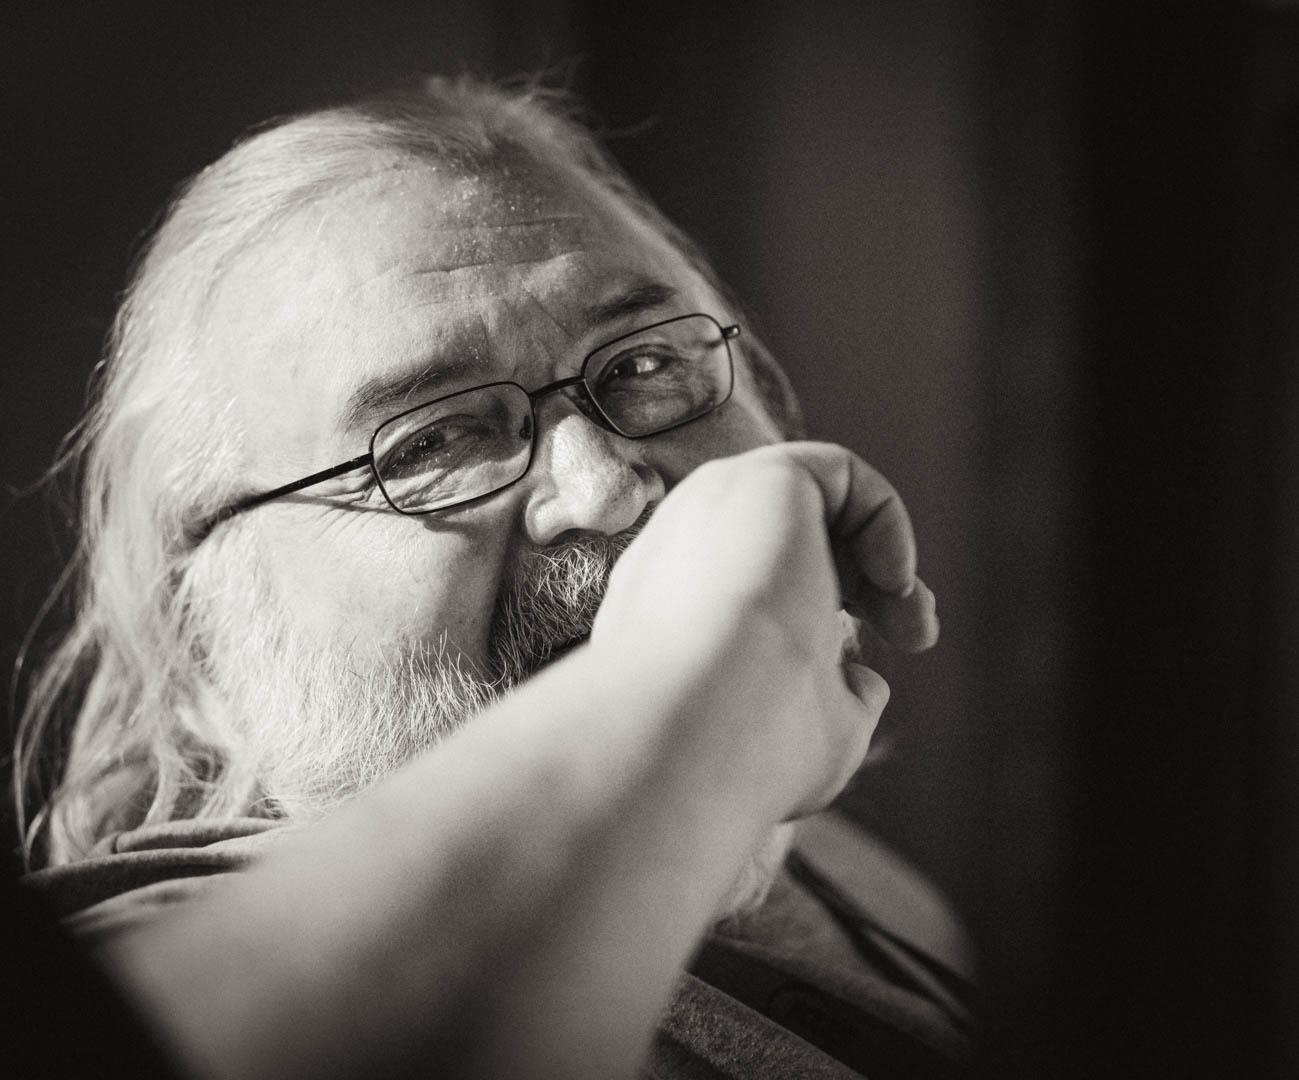 Dieter Desgranges